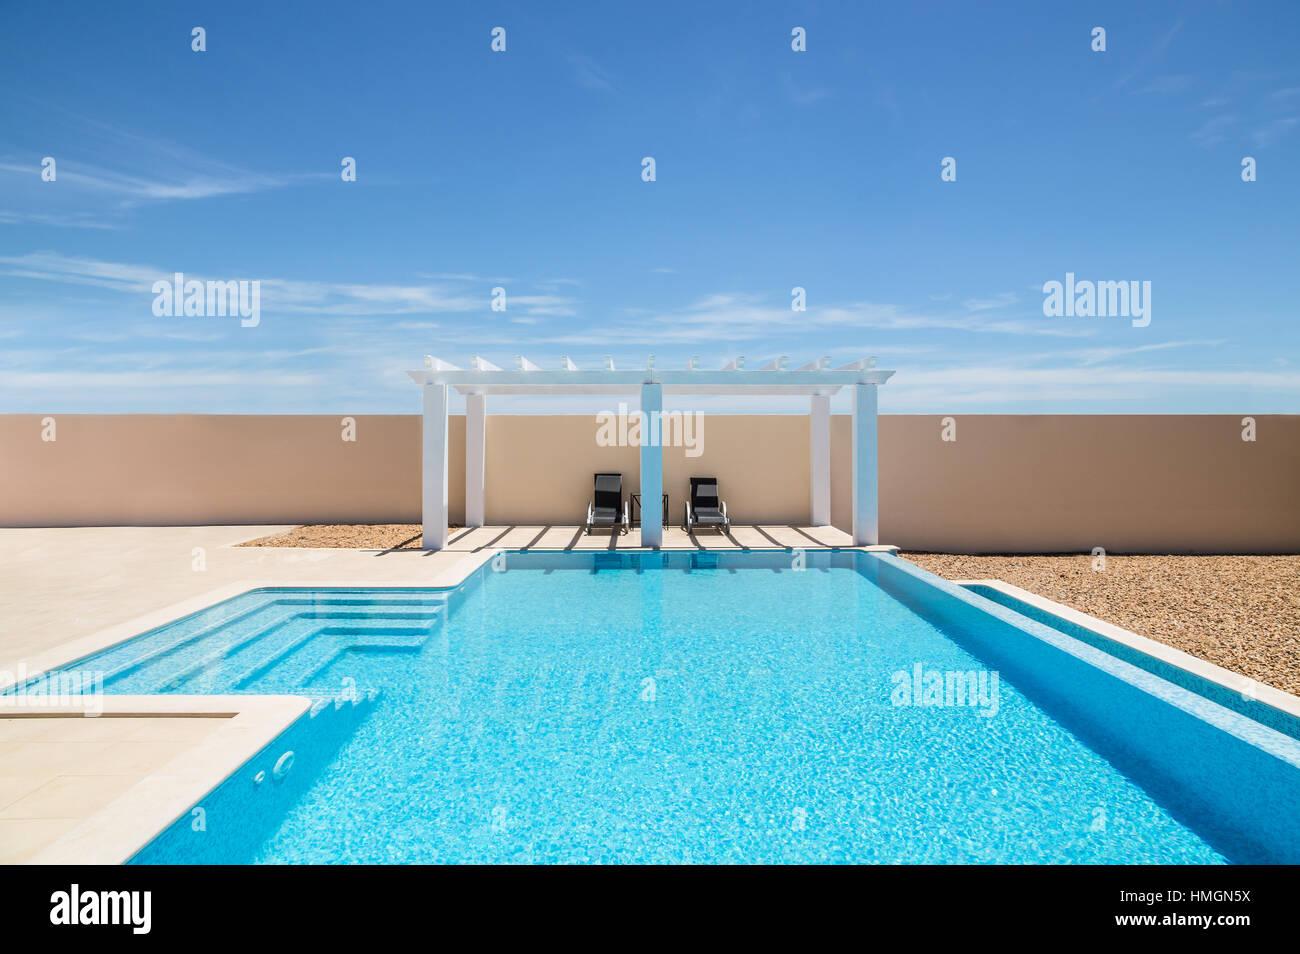 Bianco pergola a bordo piscina gazebo accanto ad una piscina